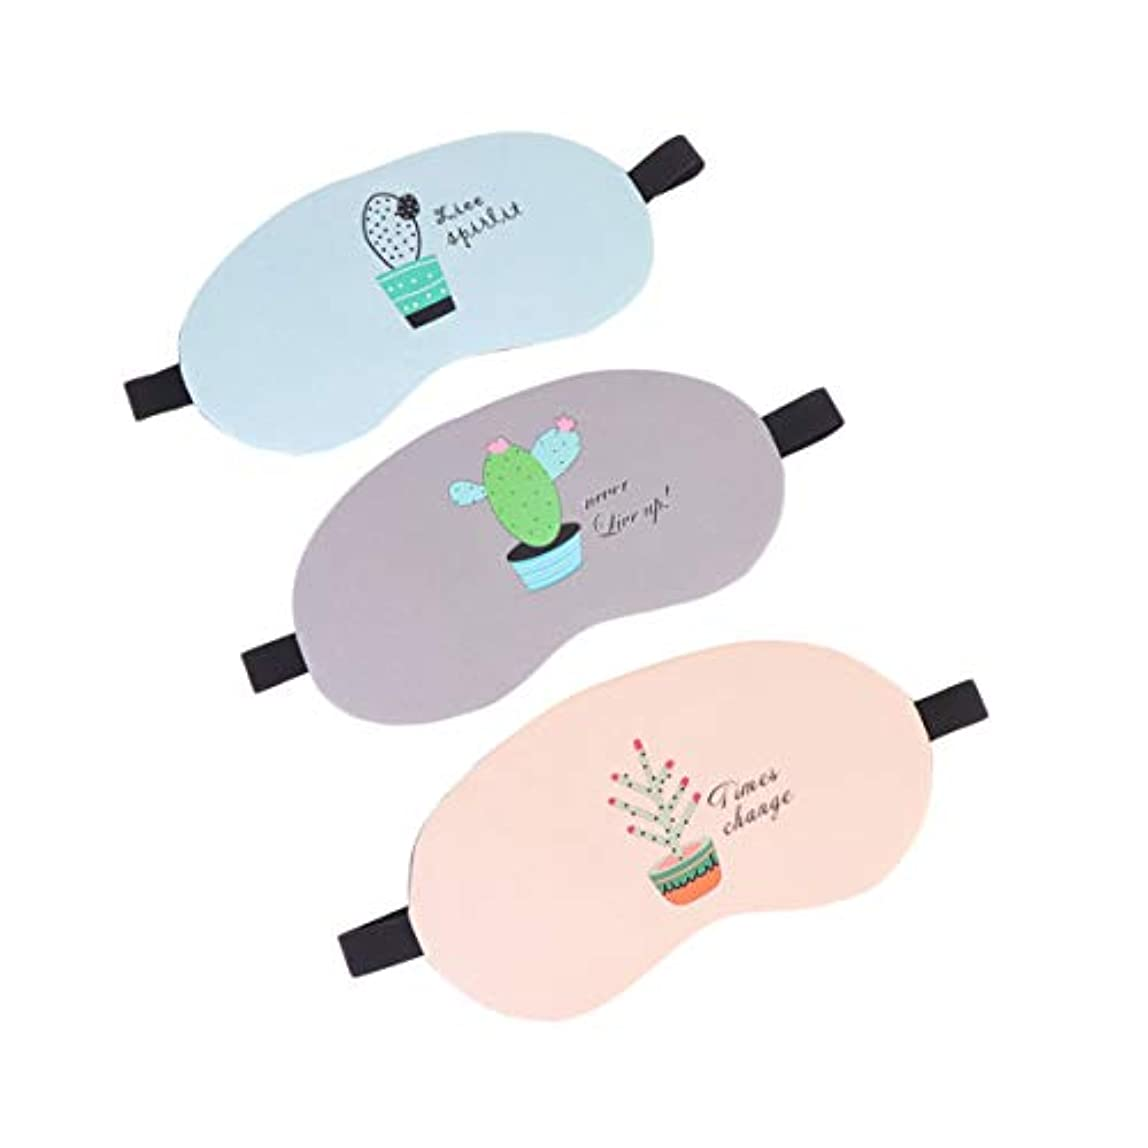 遠い確かめる死Heallily アイマスク3ピースホット&コールドパック治療用ジェルジェルアイマスク腫れぼったい目、ドライアイ、旅行に最適な頭痛、昼寝(コーヒー、ダークグレー、ブルー)